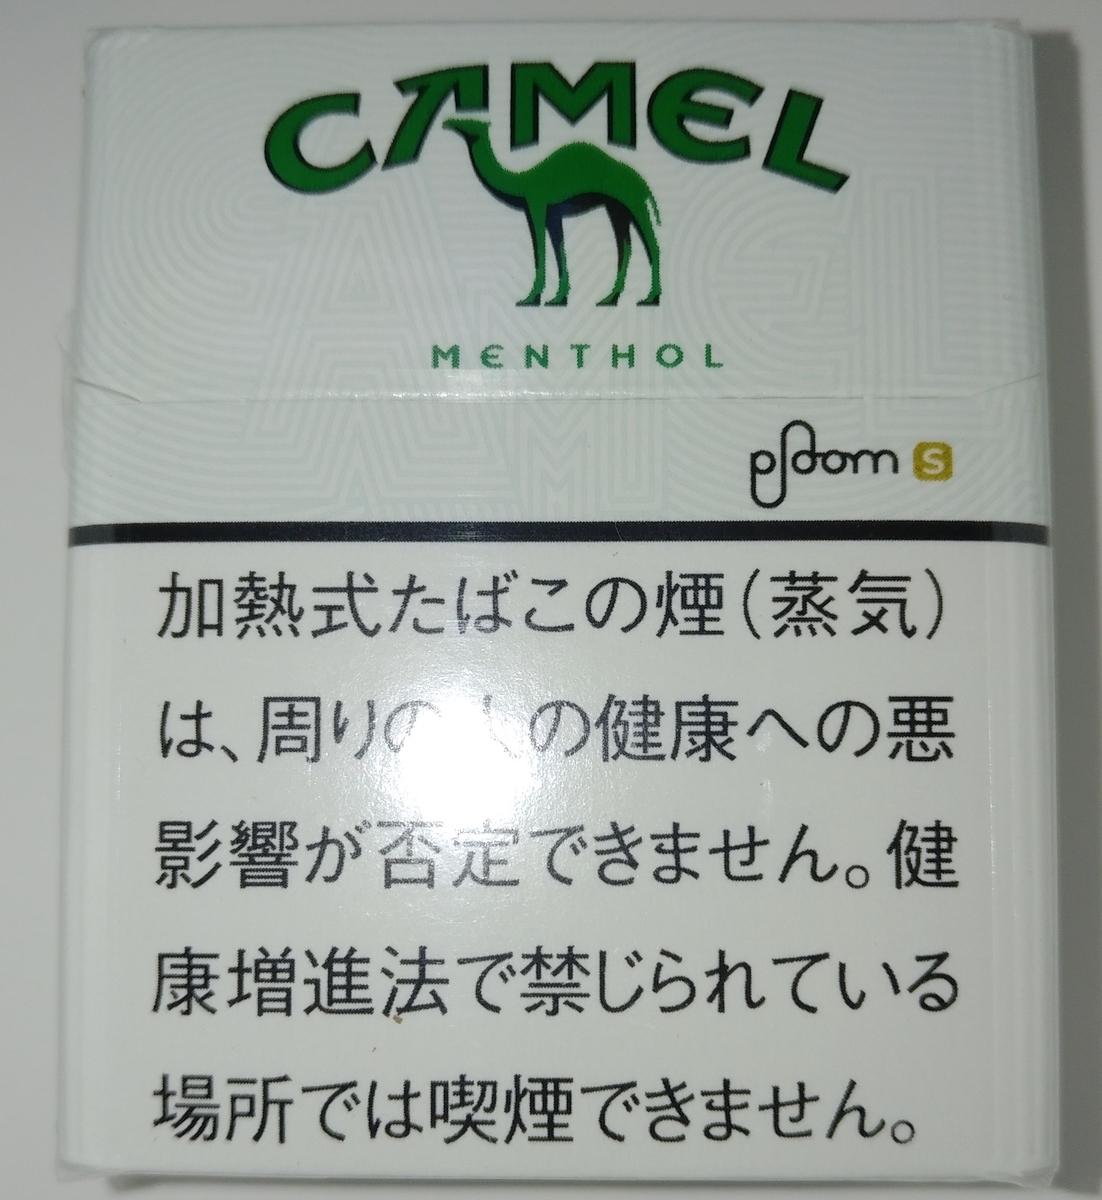 f:id:umu_umai_ojisan:20200502105821j:plain